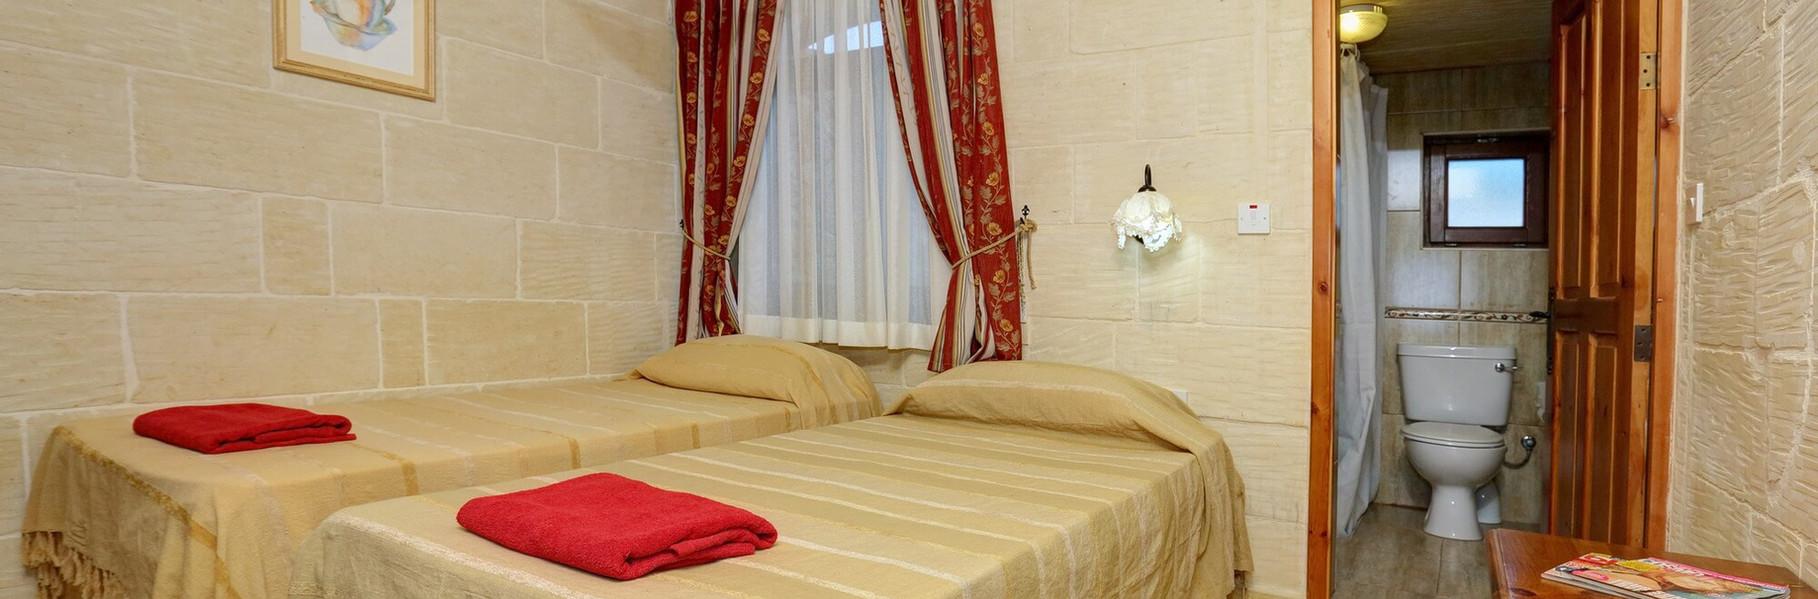 bedroom4-villa1.jpg